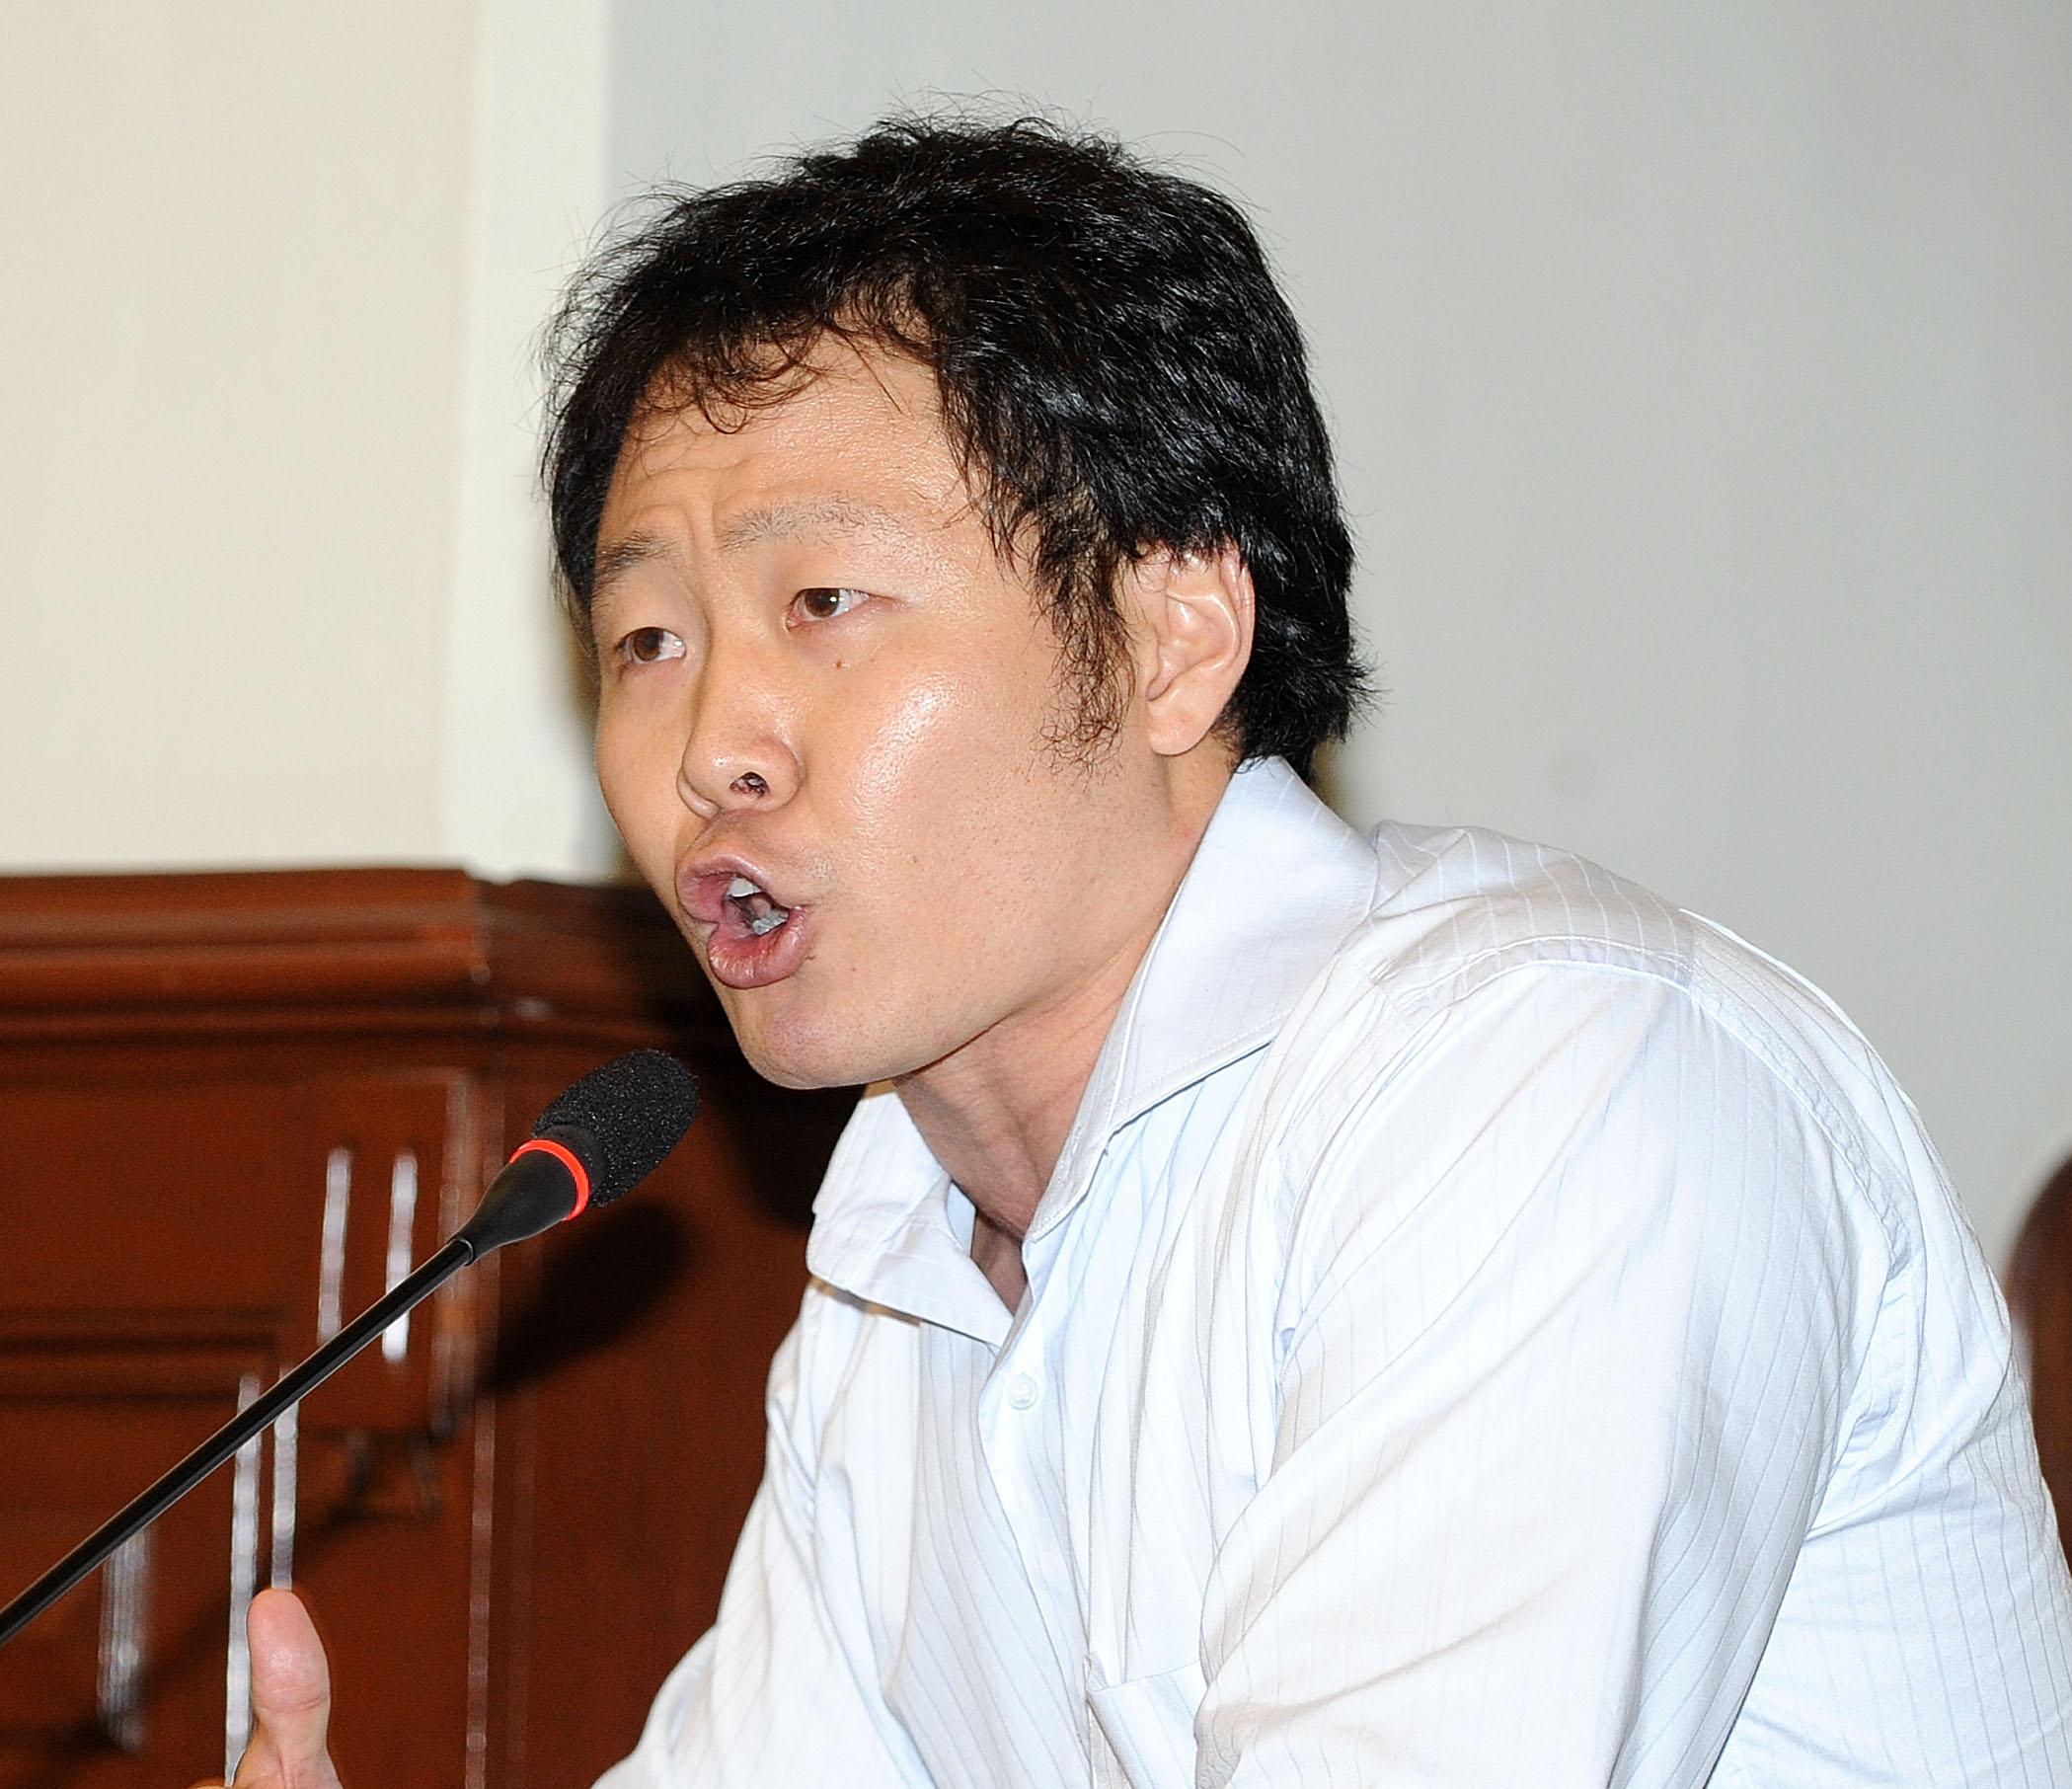 Veja o que saiu no Migalhas sobre Kenji Fujimori